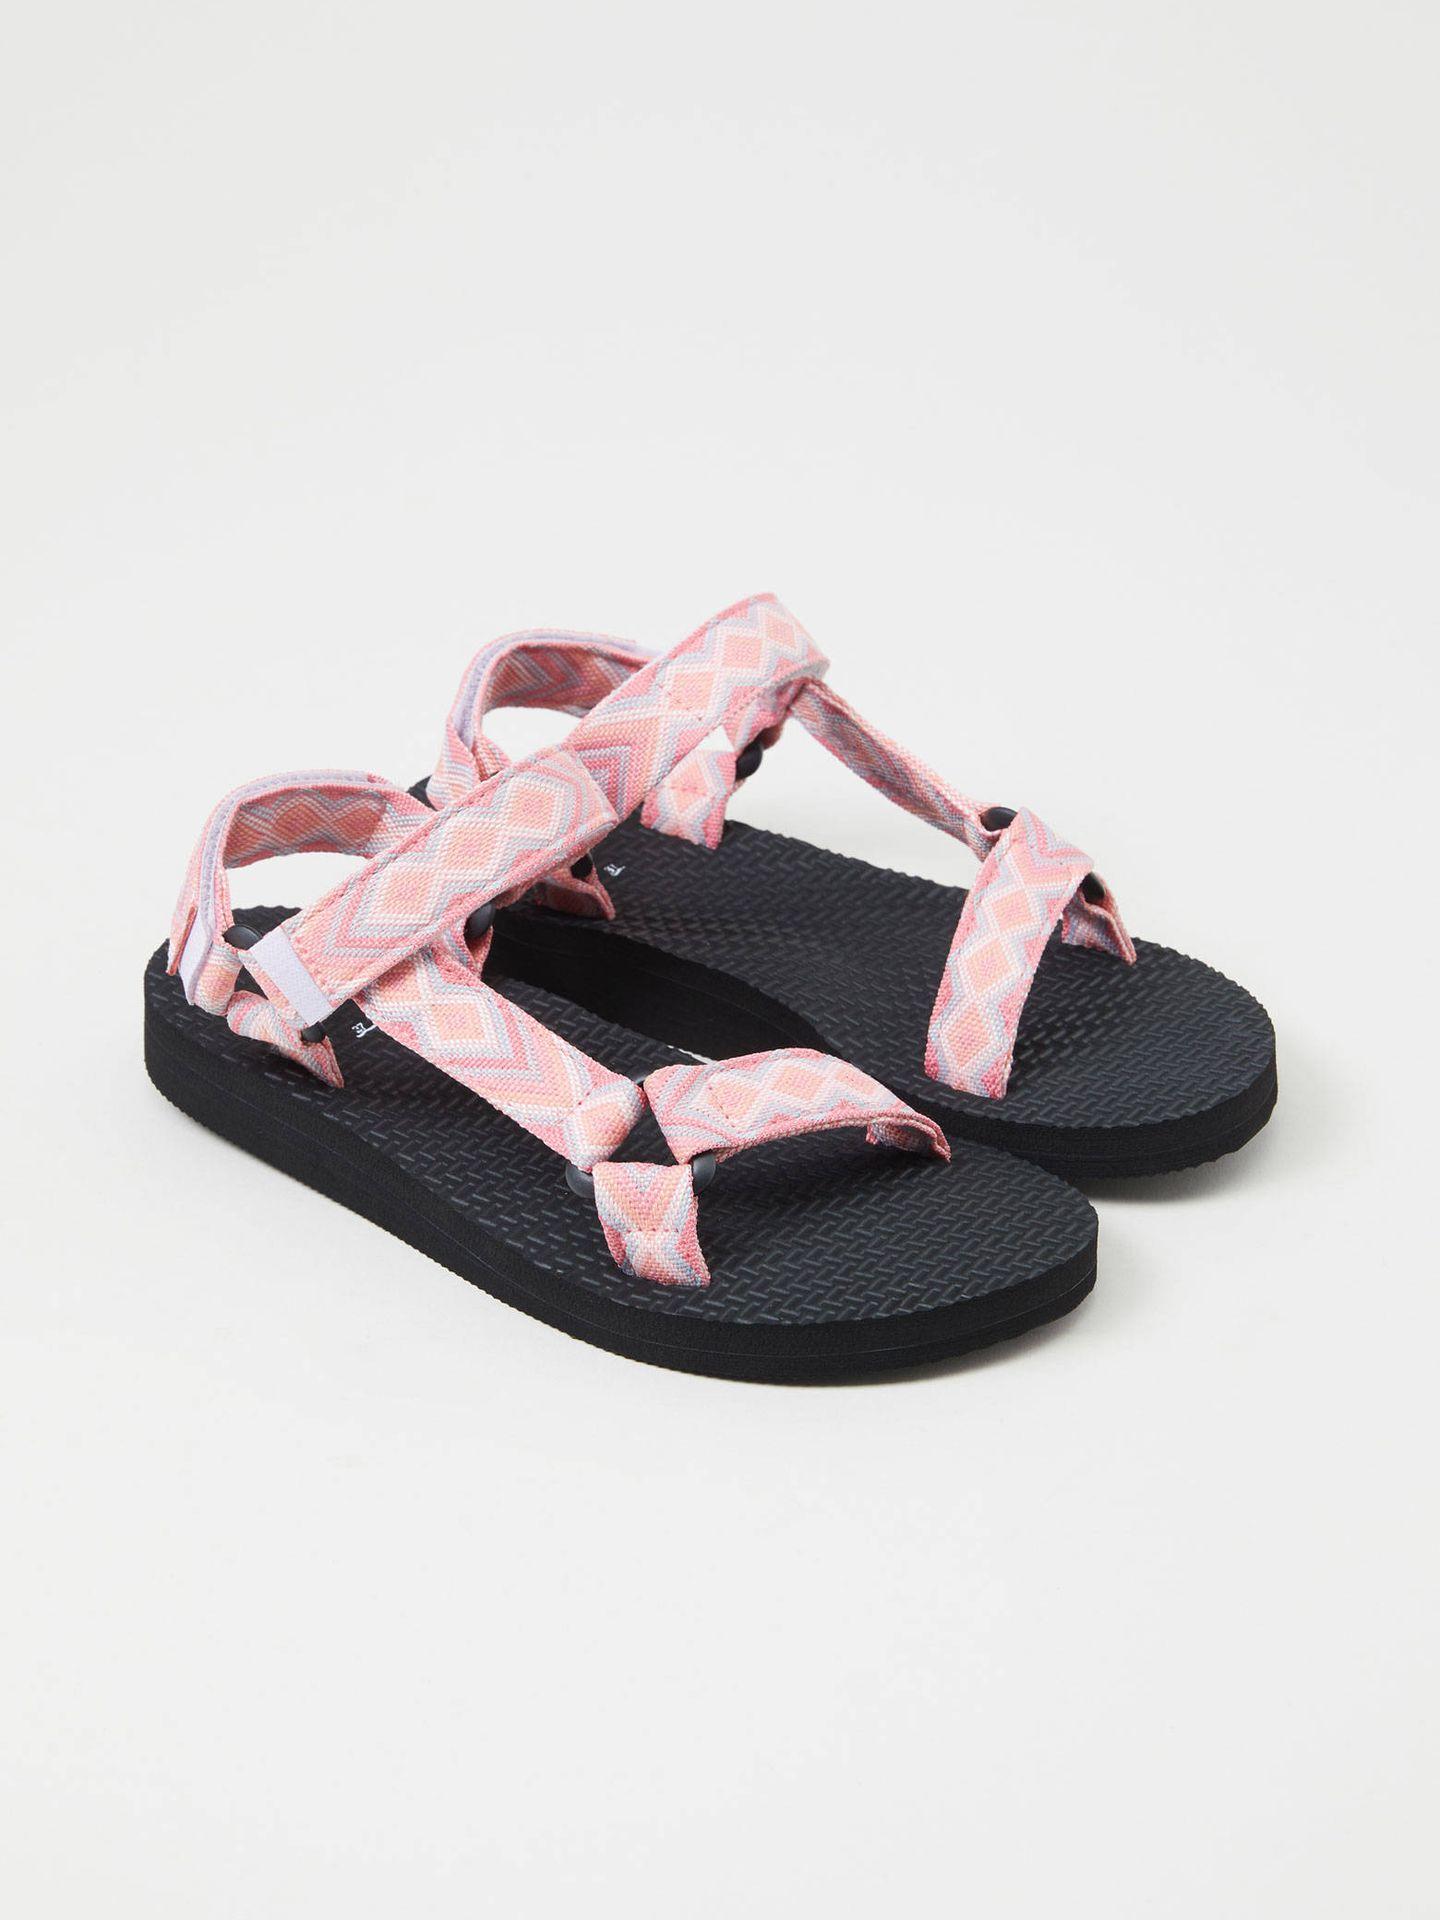 Sandalias de moda de Lefties. (Cortesía)